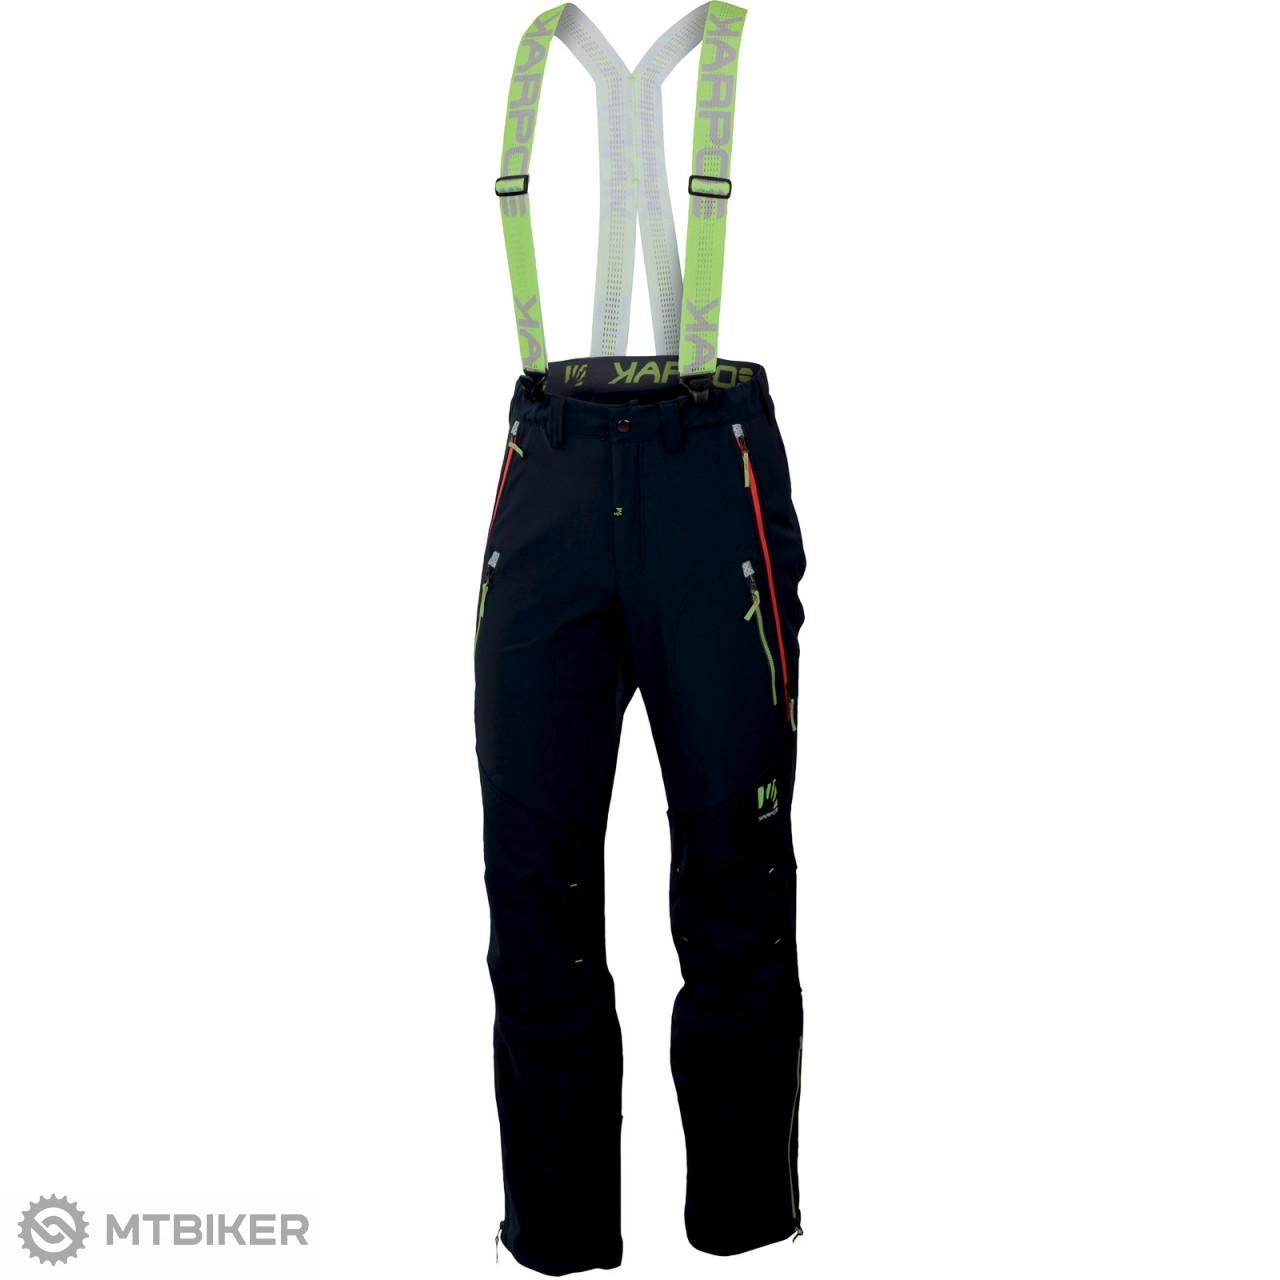 ad2deea339d3 Karpos Schiara nohavice sivé čierne - MTBIKER Shop